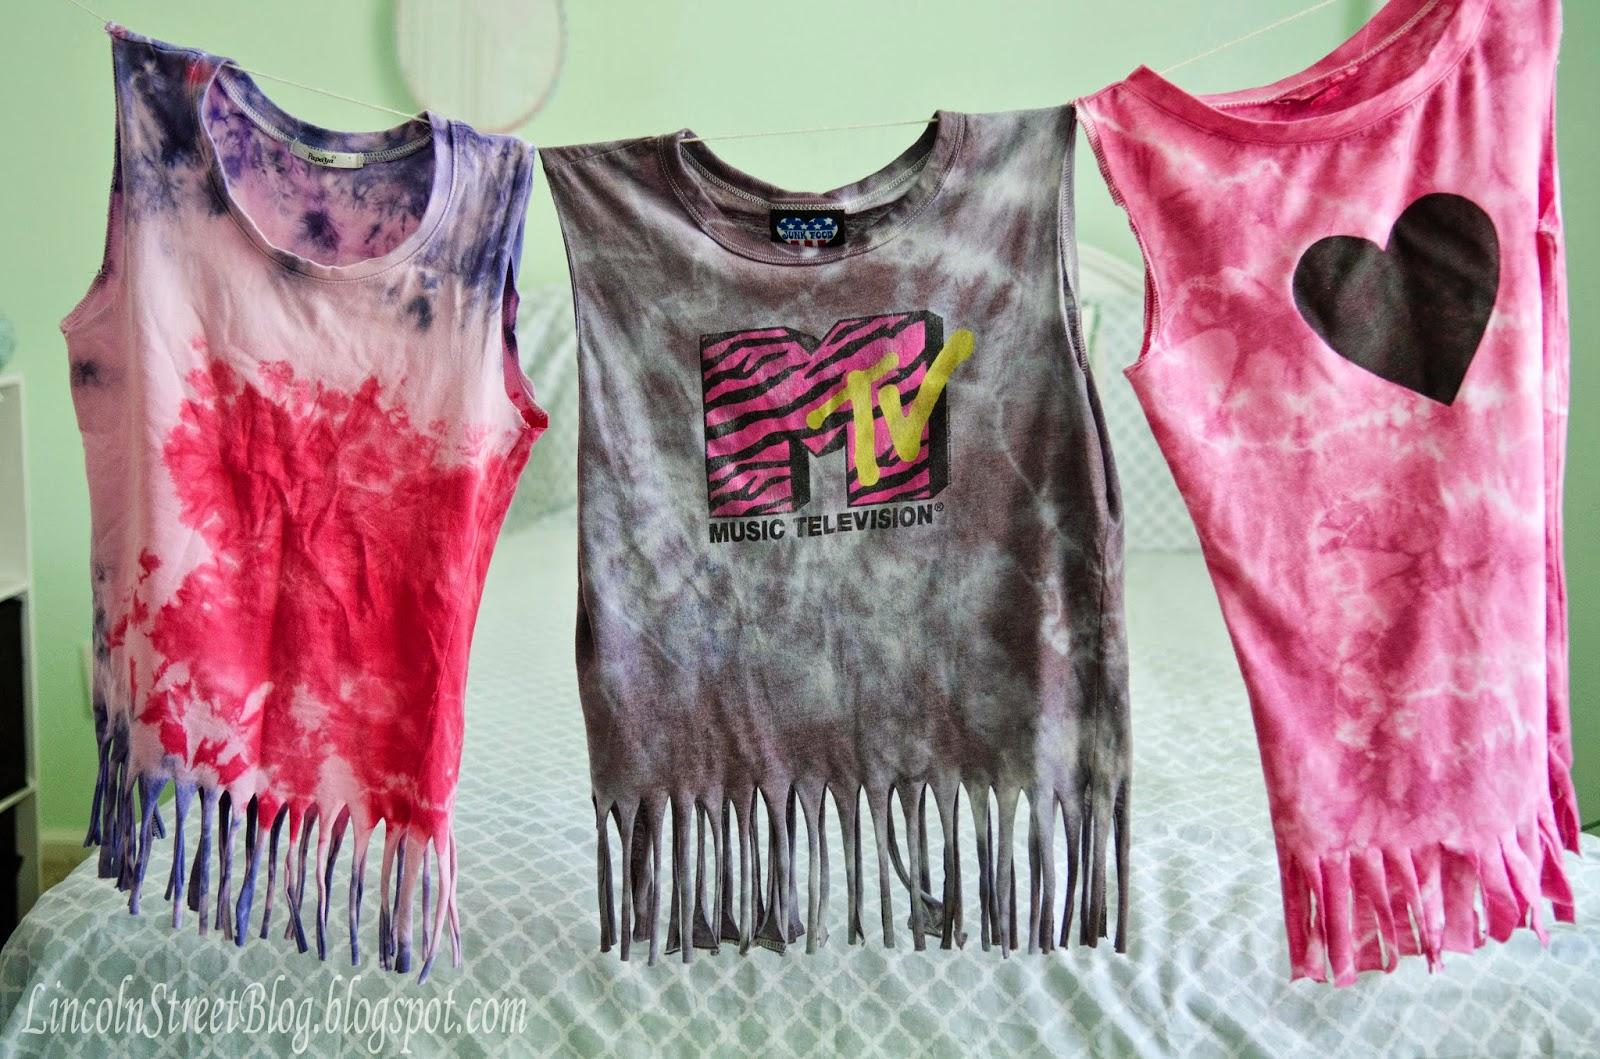 Upcycle tee shirt - tie dye